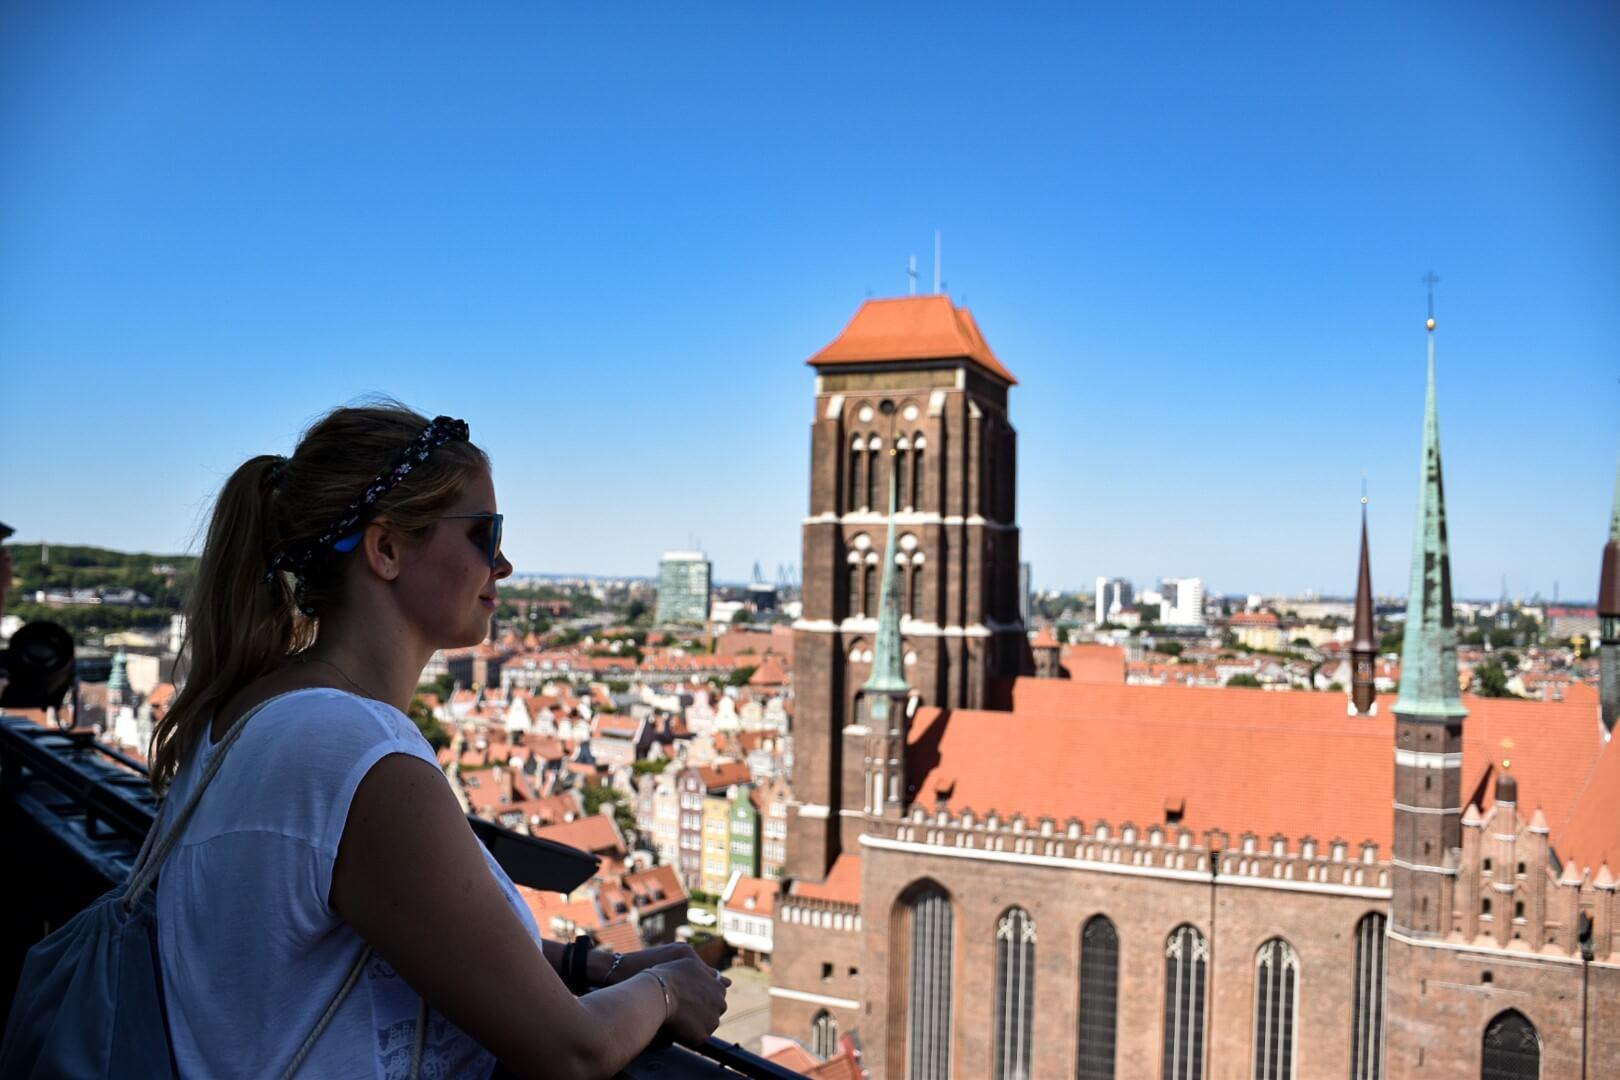 Turystka na wieży widokowej Ratusza w Gdańsku.